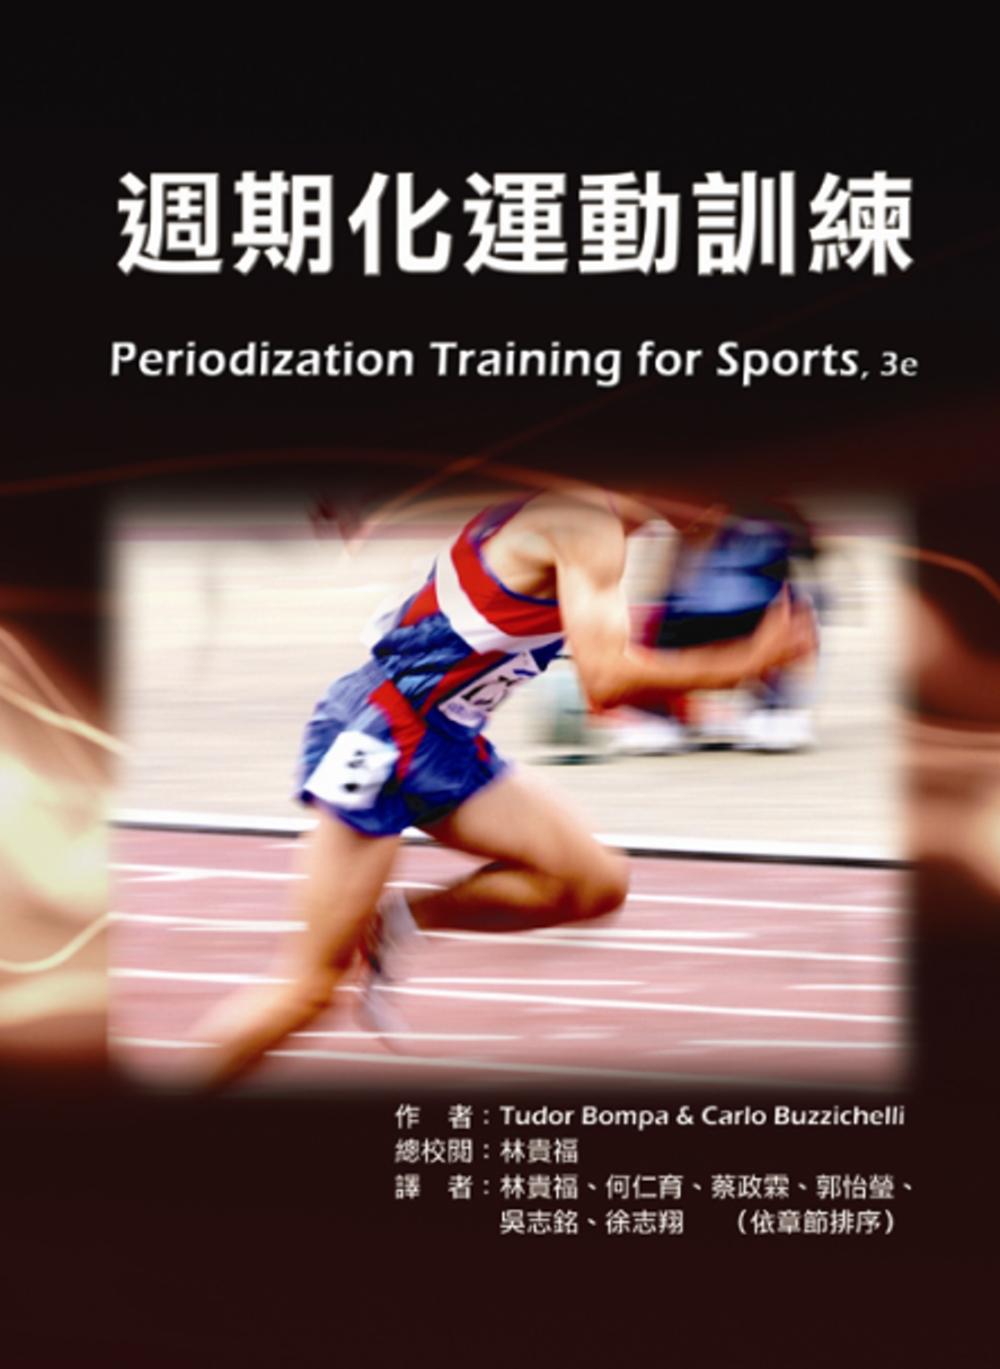 週期化運動訓練